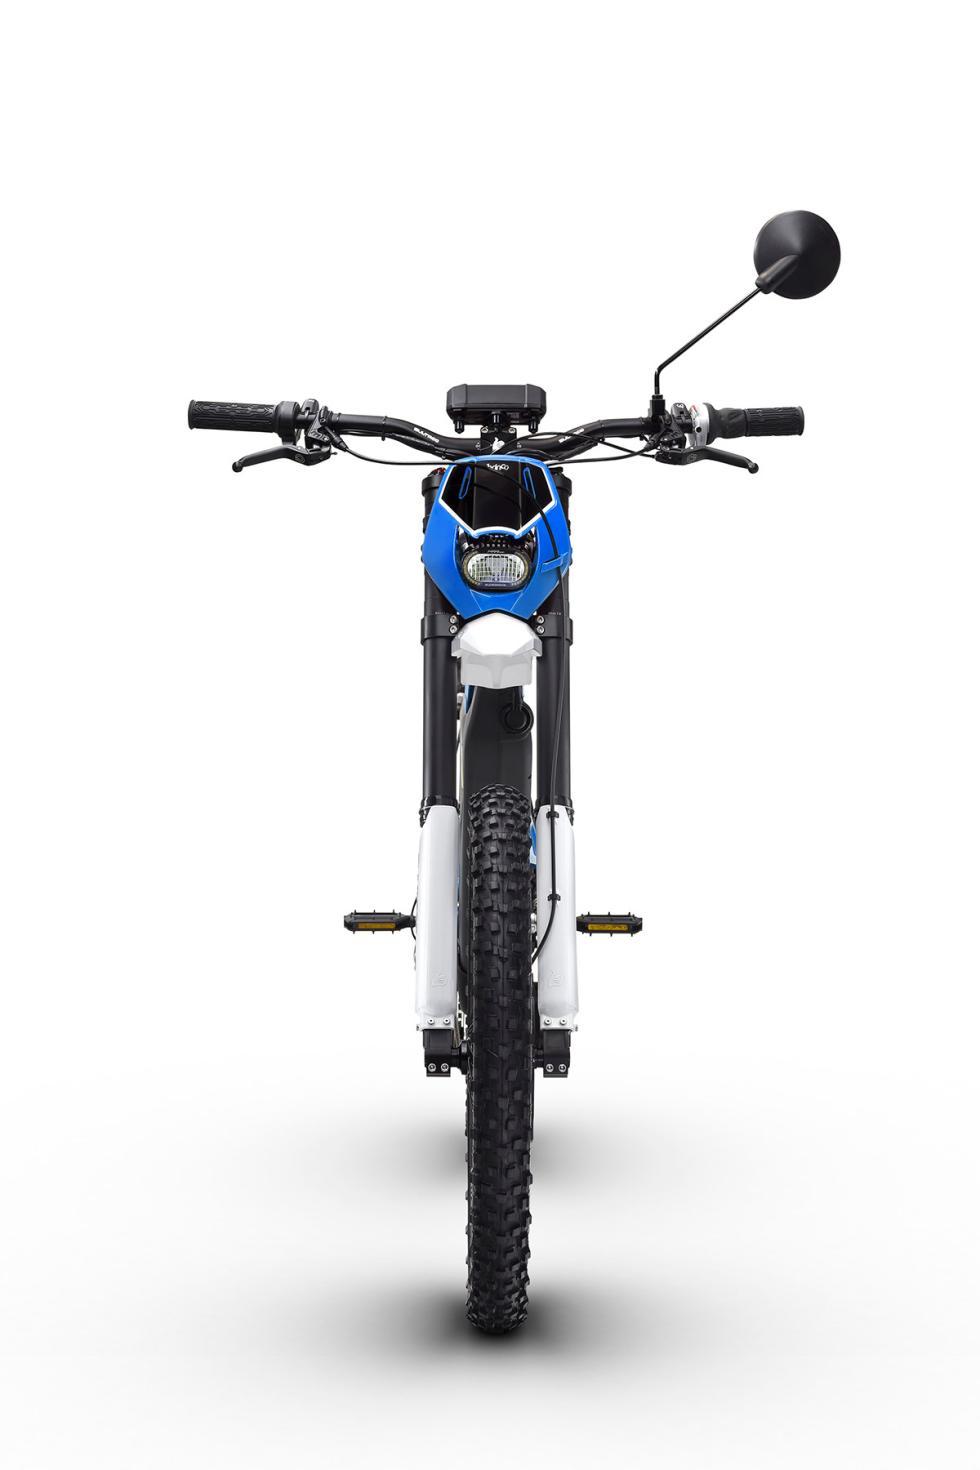 Bultaco-Brinco-2016-6